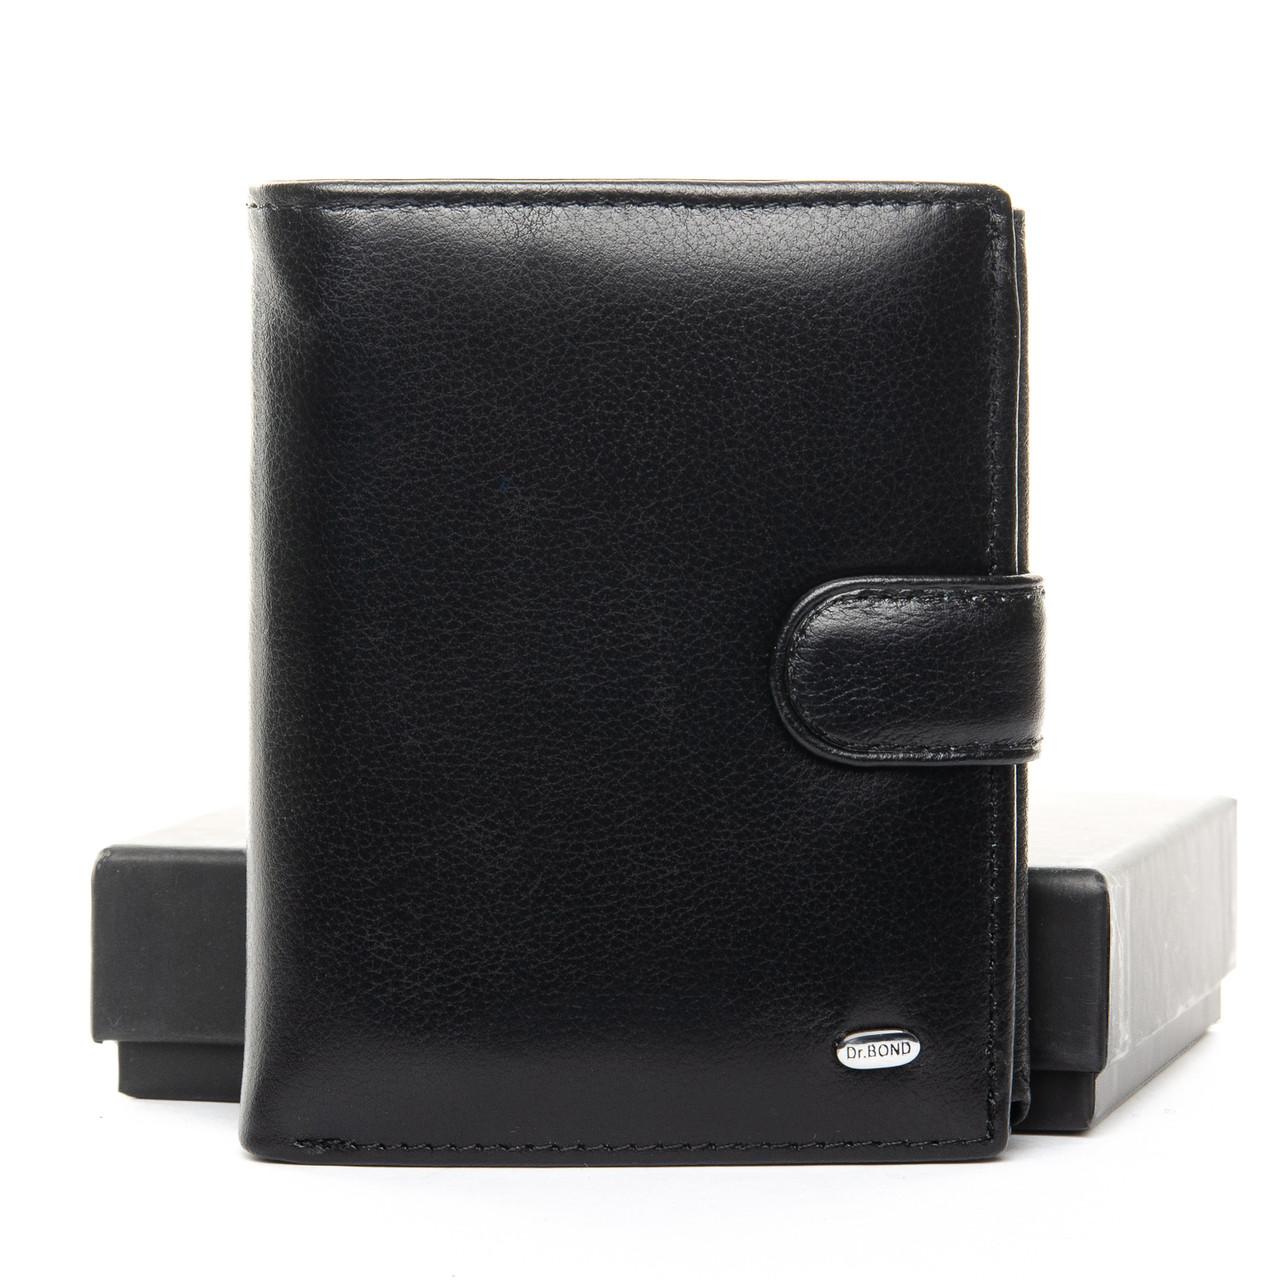 Черный кожаный мужской кошелек портмоне DR. BOND MS-13 black